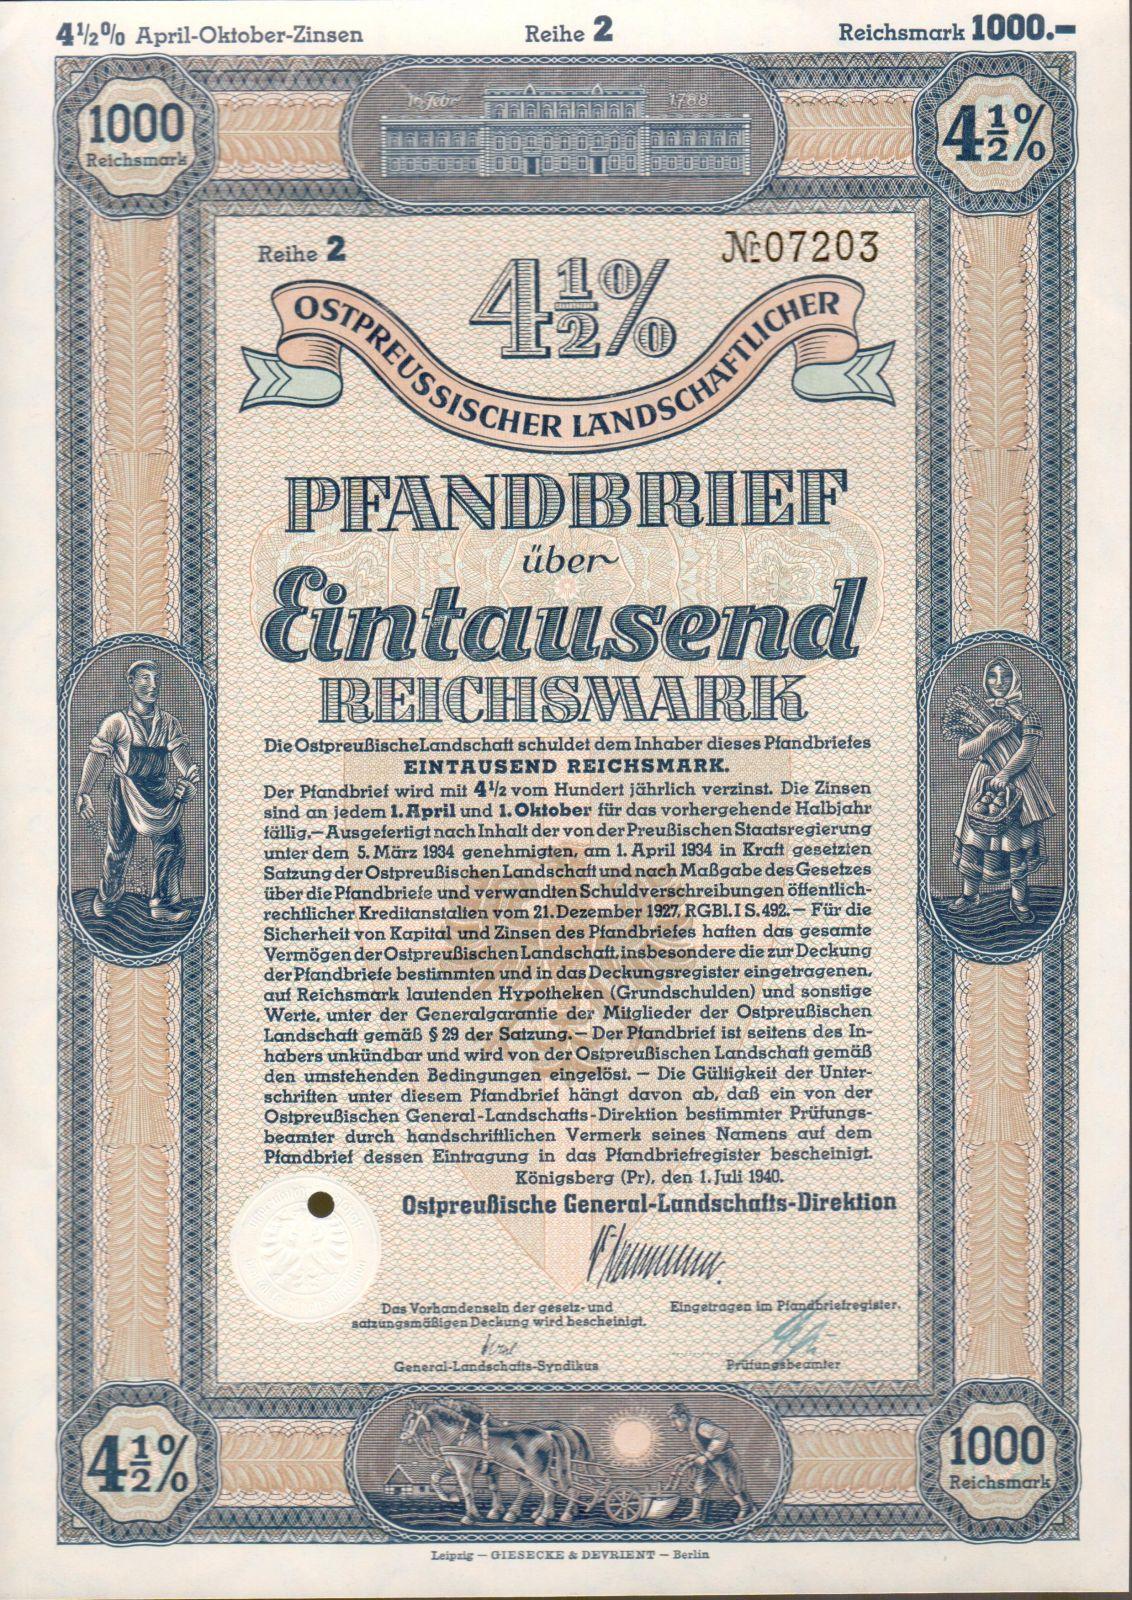 Dluhopis Ostpreussischer Landschaftlicher, Königsberg/1940/, 1000 Reichsmark 4 1/2%, formát A4